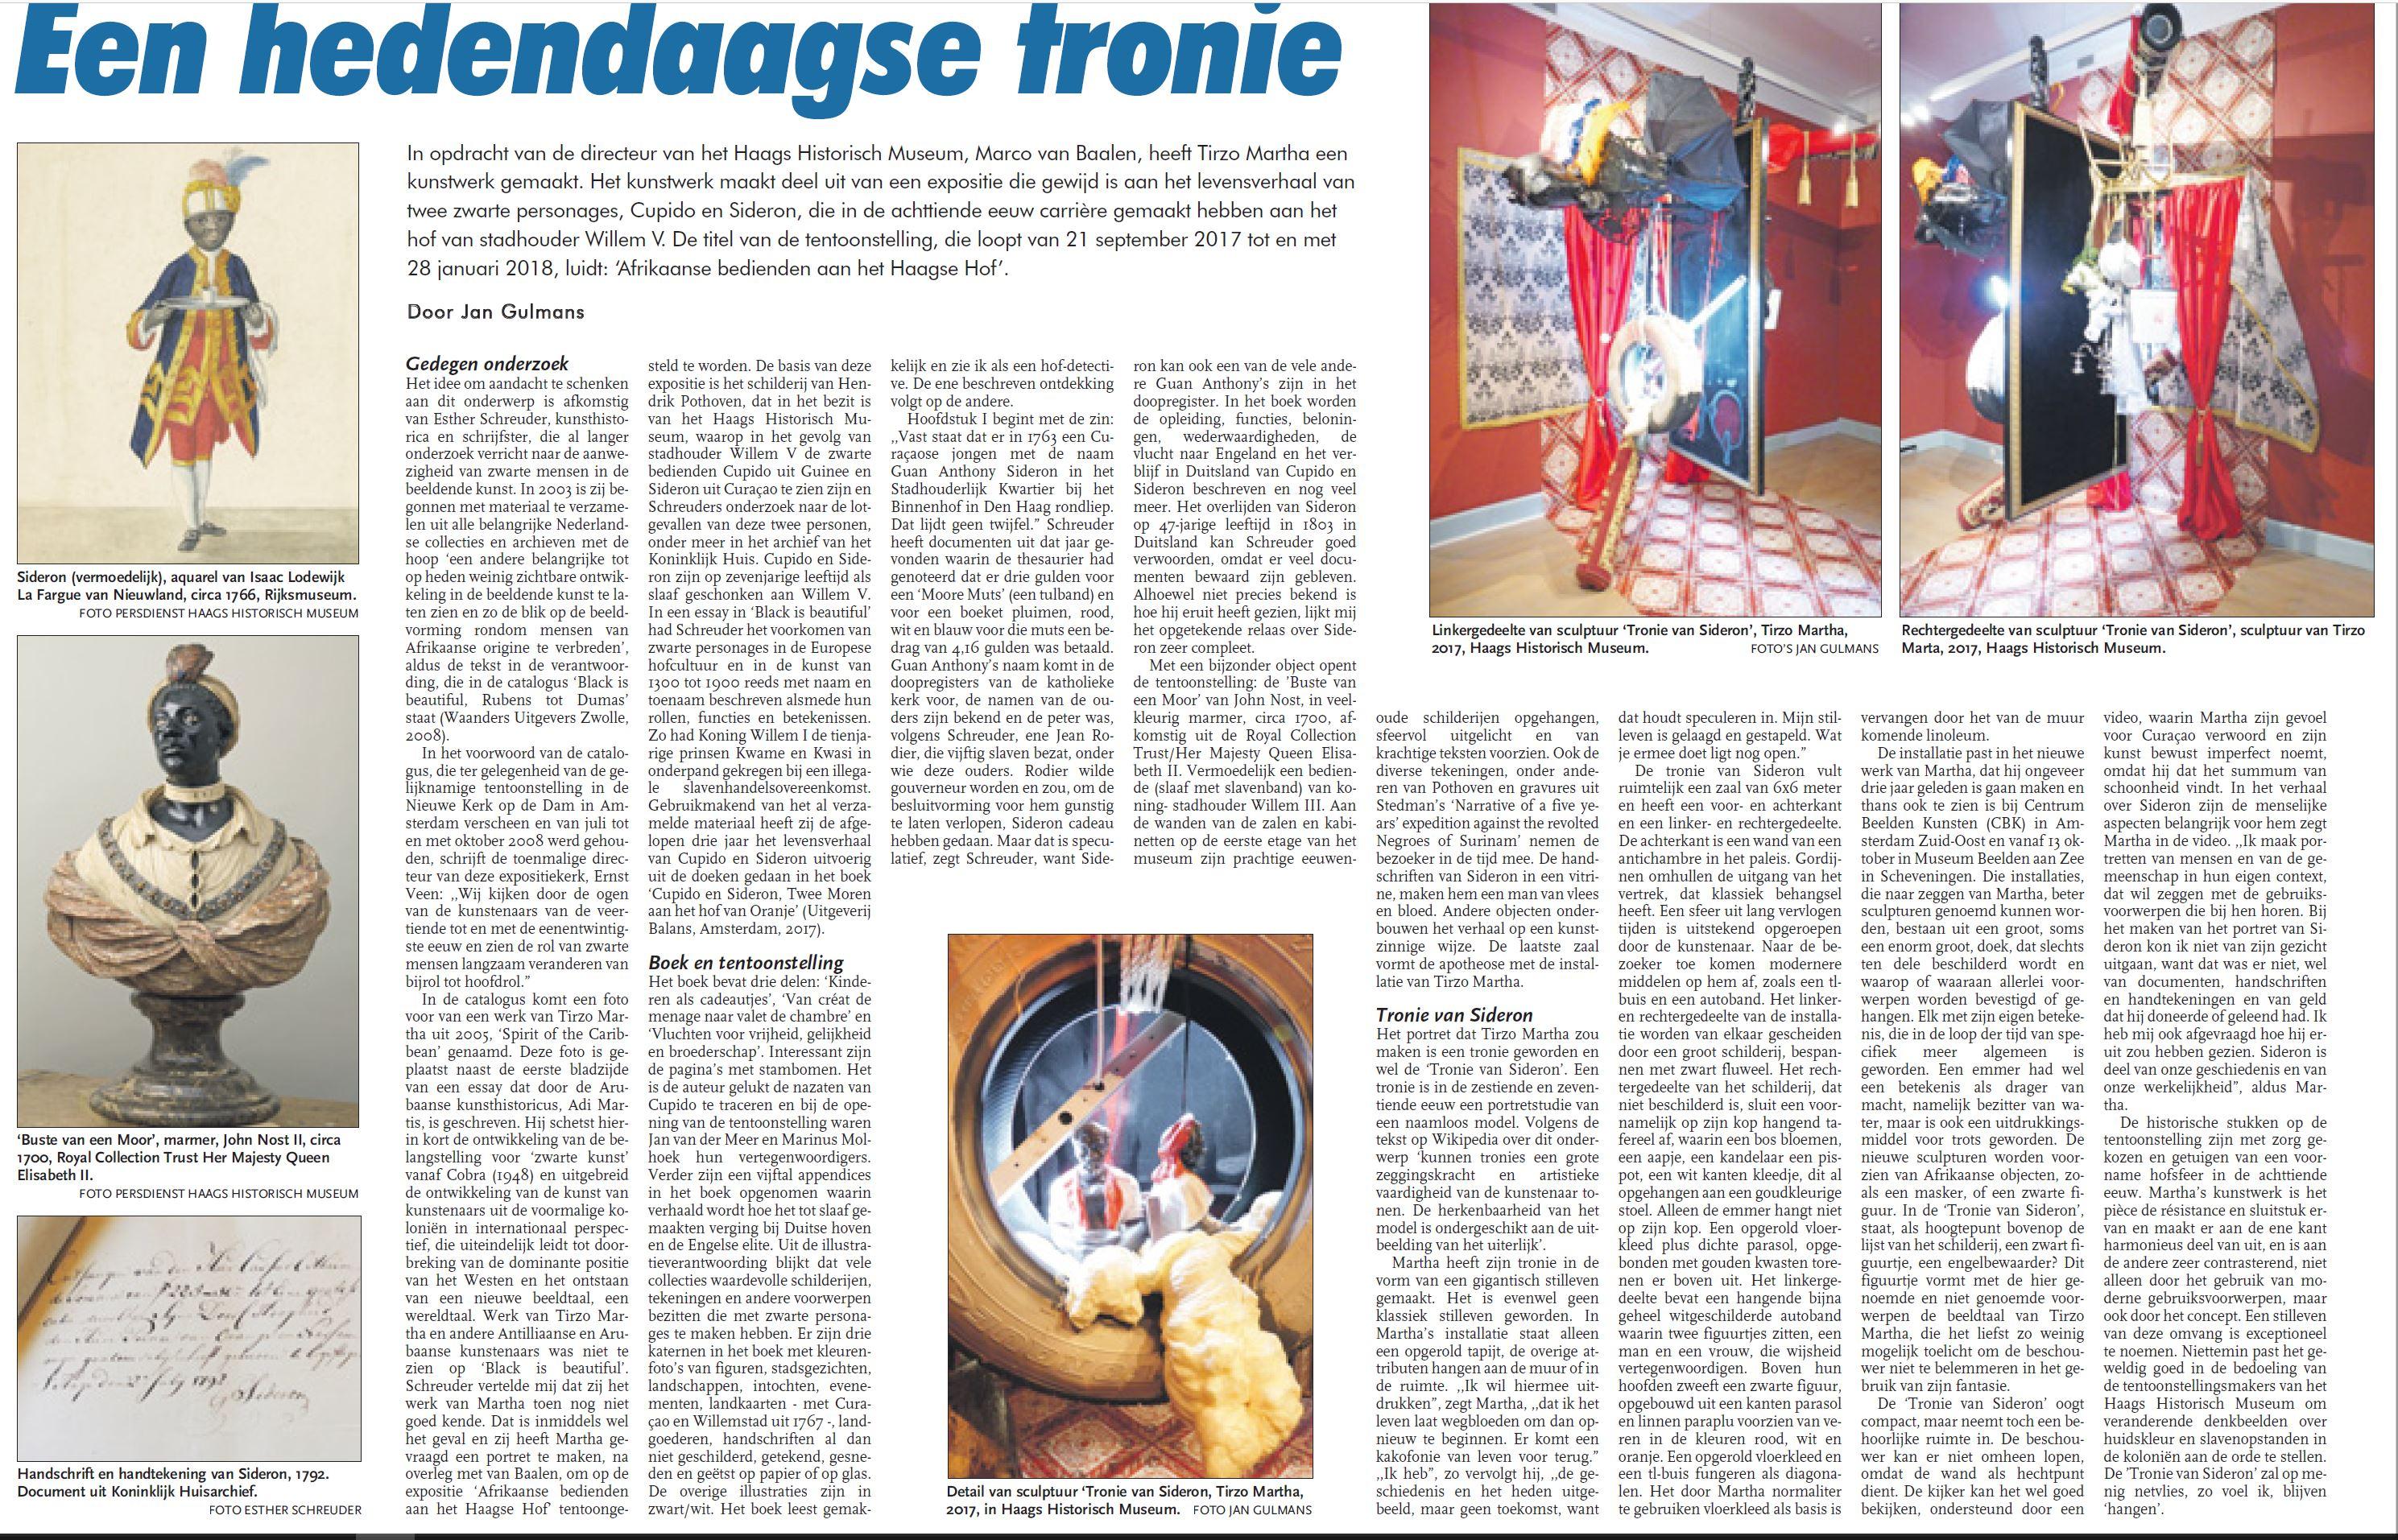 Antilliaans Dagblad p 18 en 19 30 sept 2017